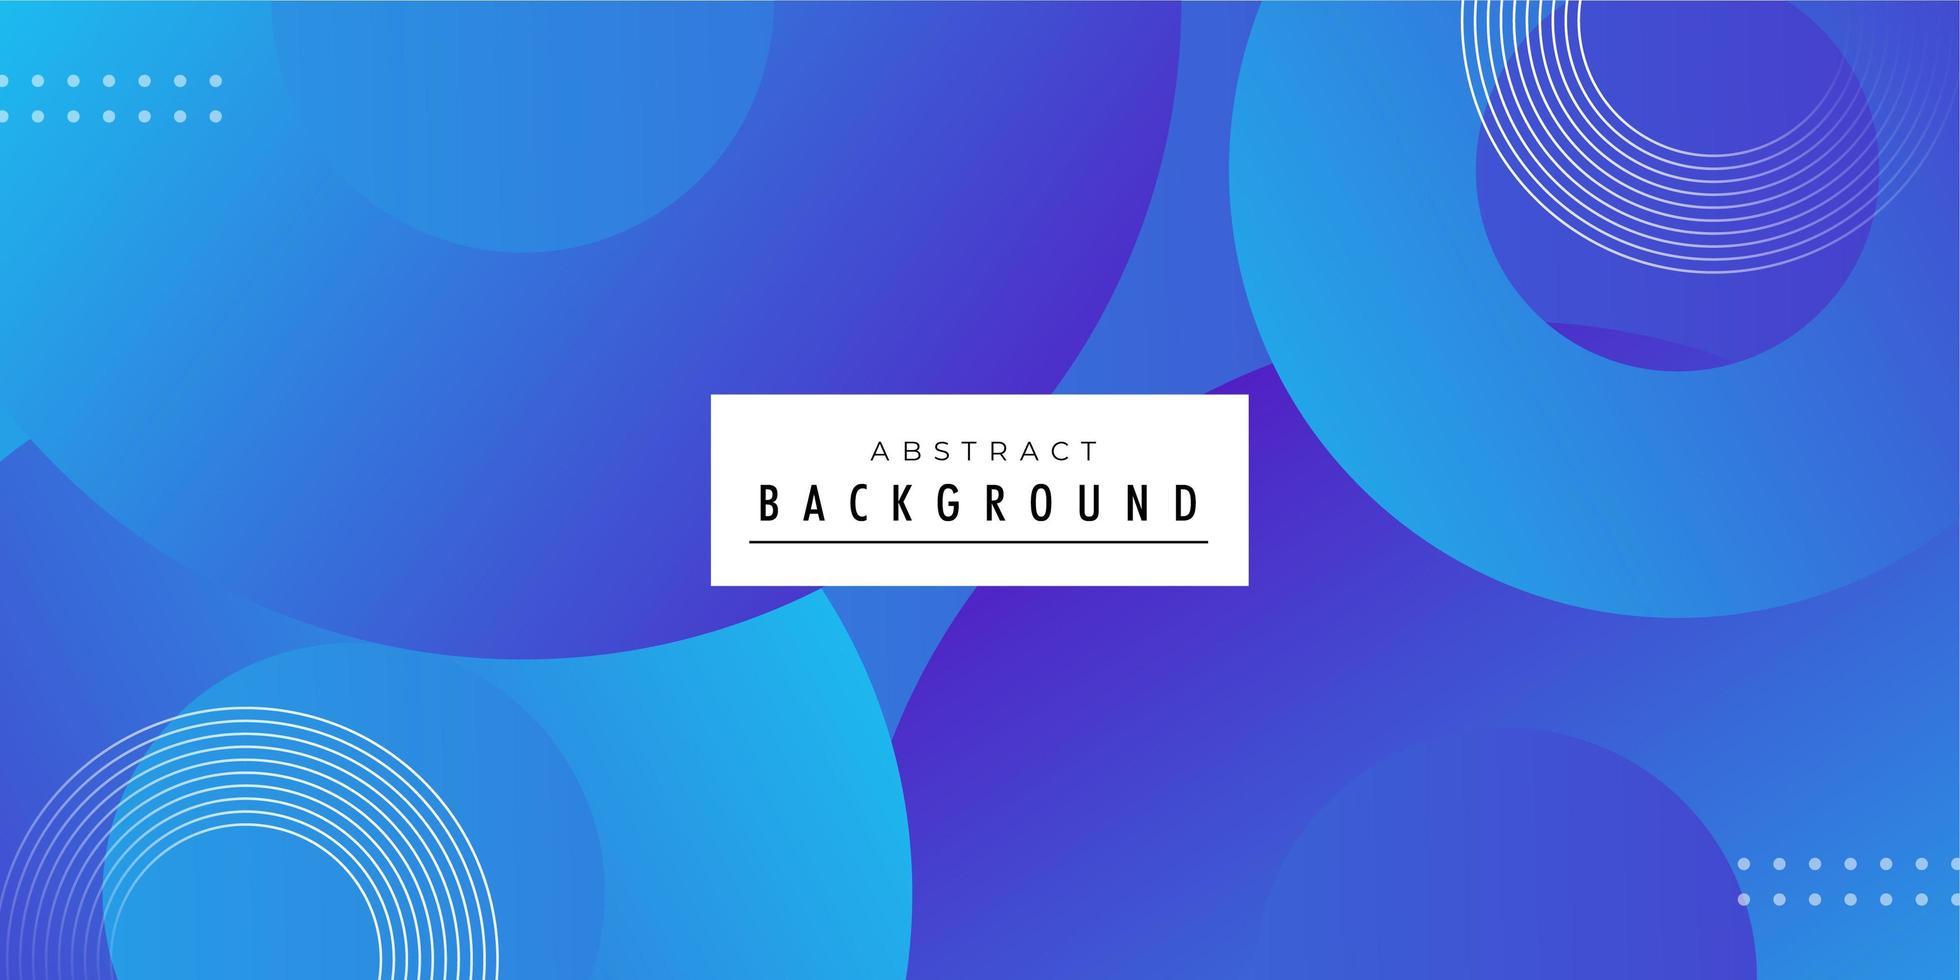 Rundes geformtes modernes blaues Hintergrunddesign vektor